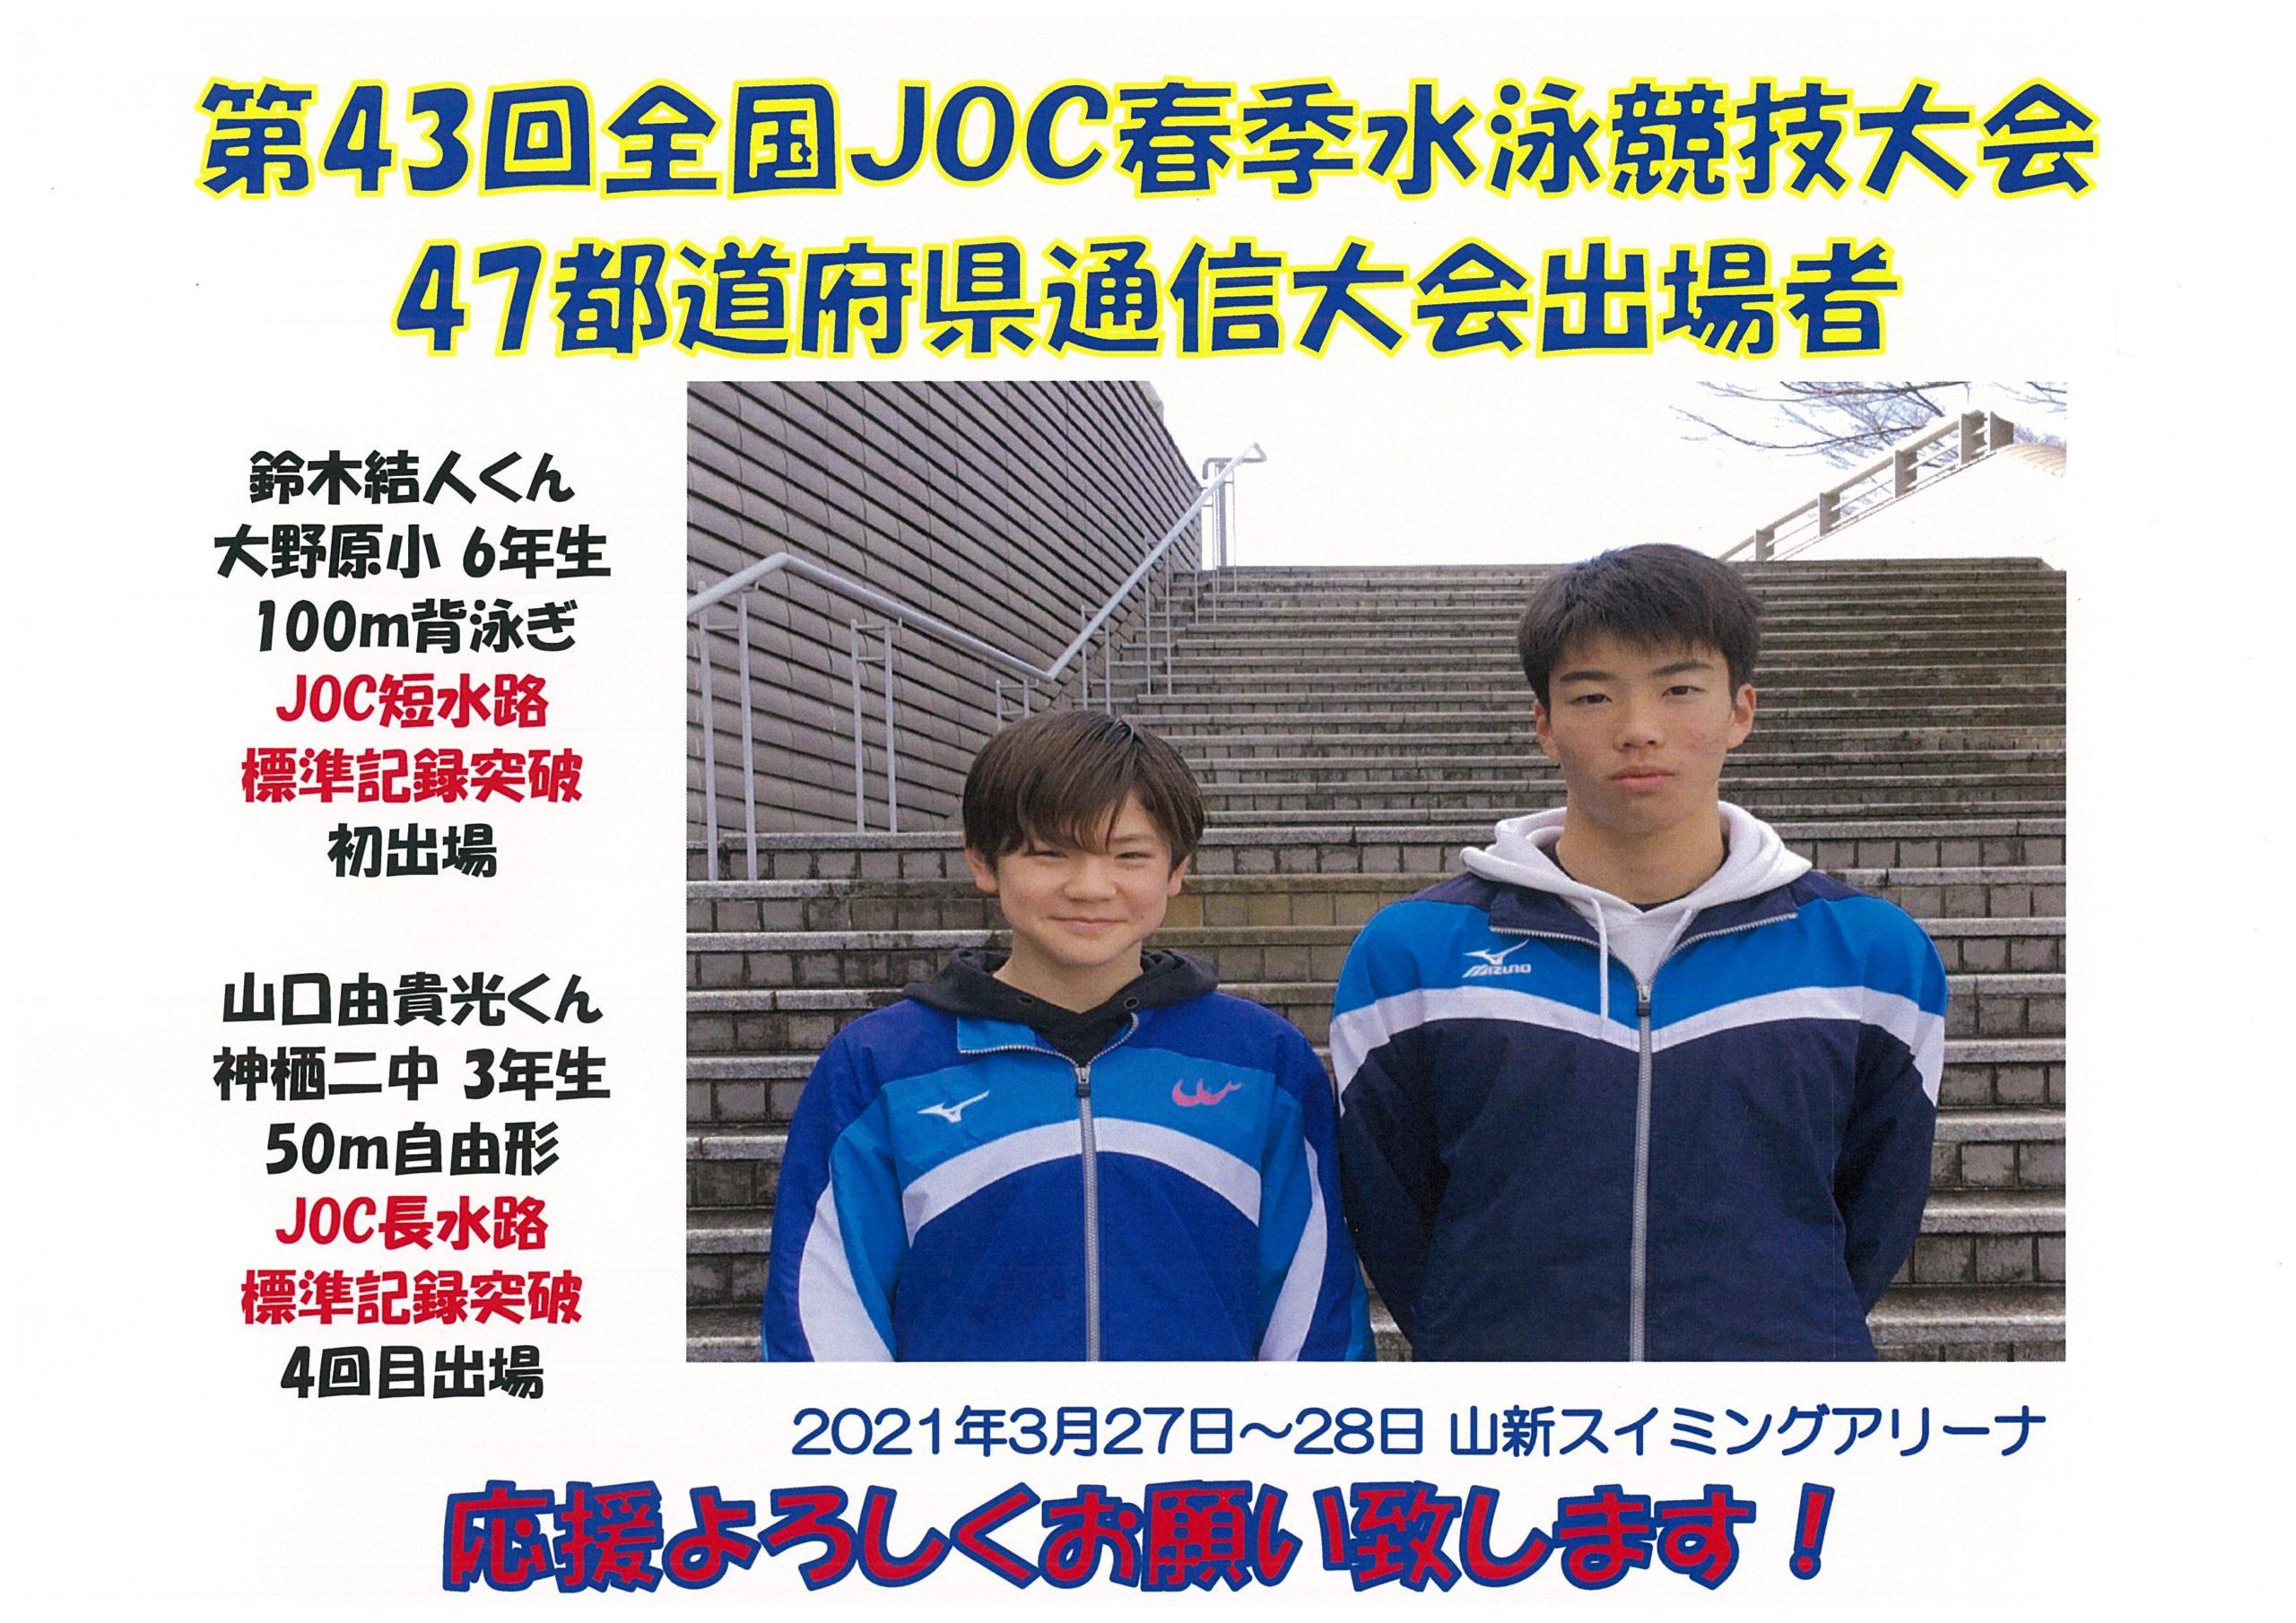 全国JOC春季47都道府県通信大会出場者